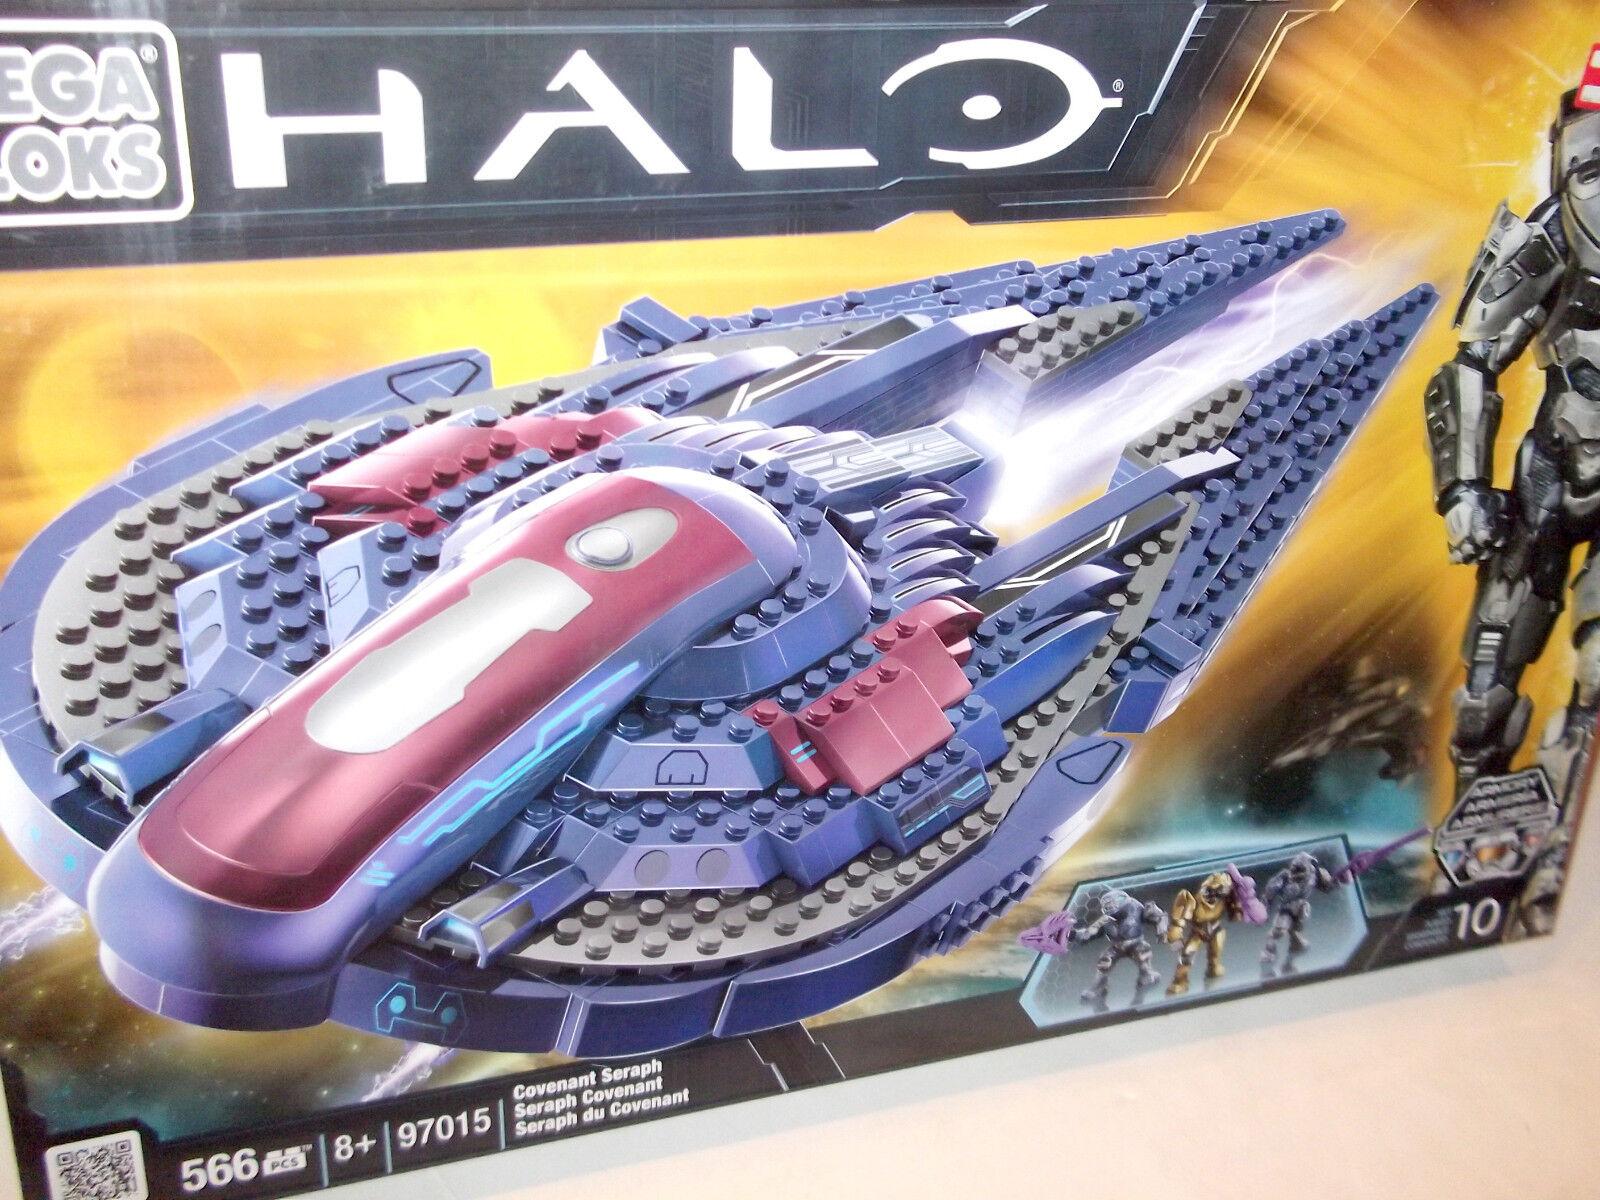 Mega Bloks Halo guerras Covenant  Seraph spazioship costruzione Set spazio Ship 97015 nuovo  scegli il tuo preferito